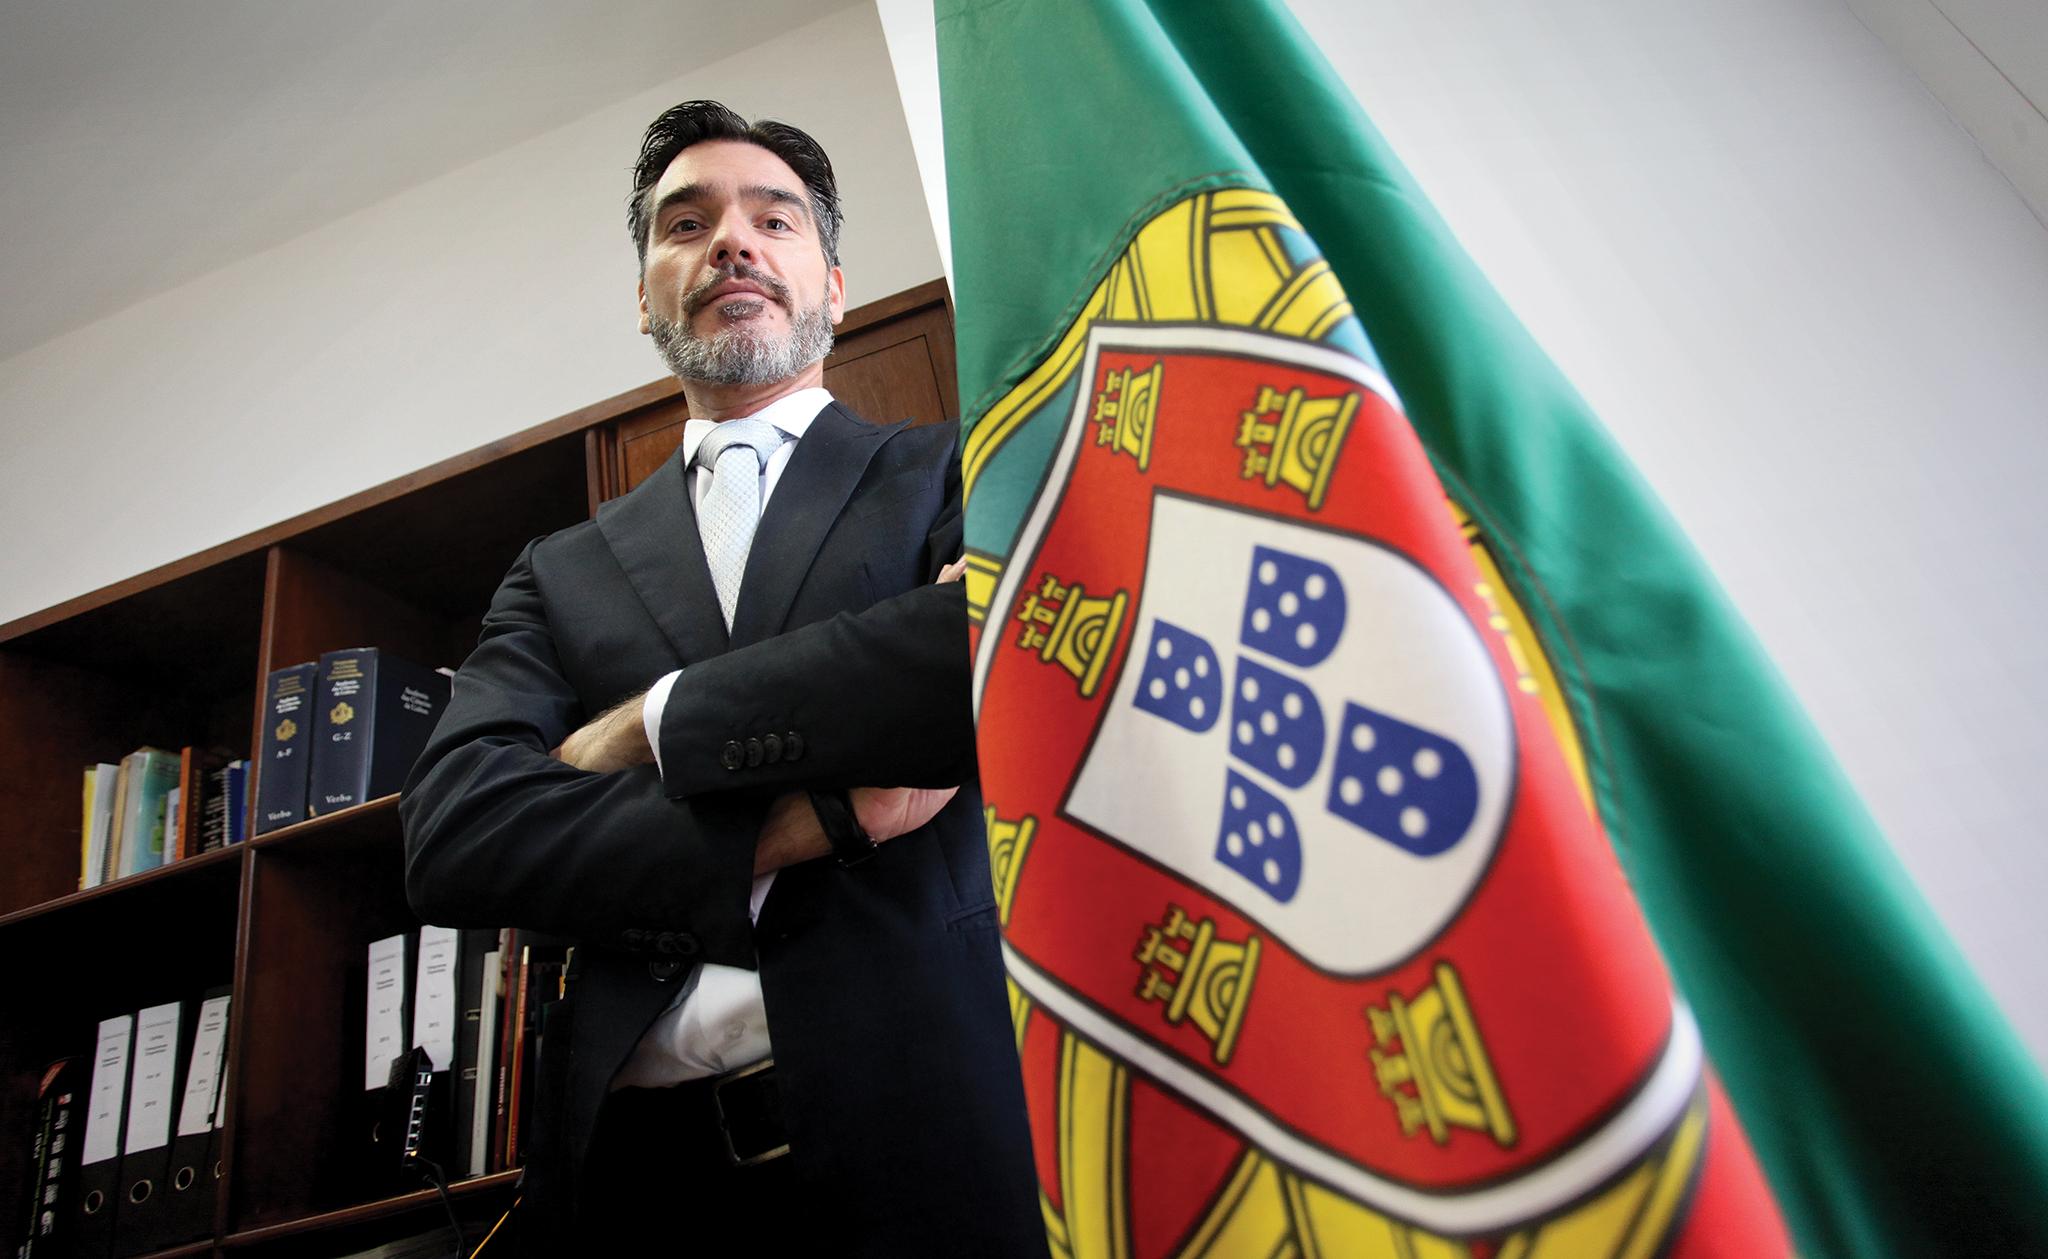 Diplomacia   Vítor Sereno apela à união em jantar de despedida